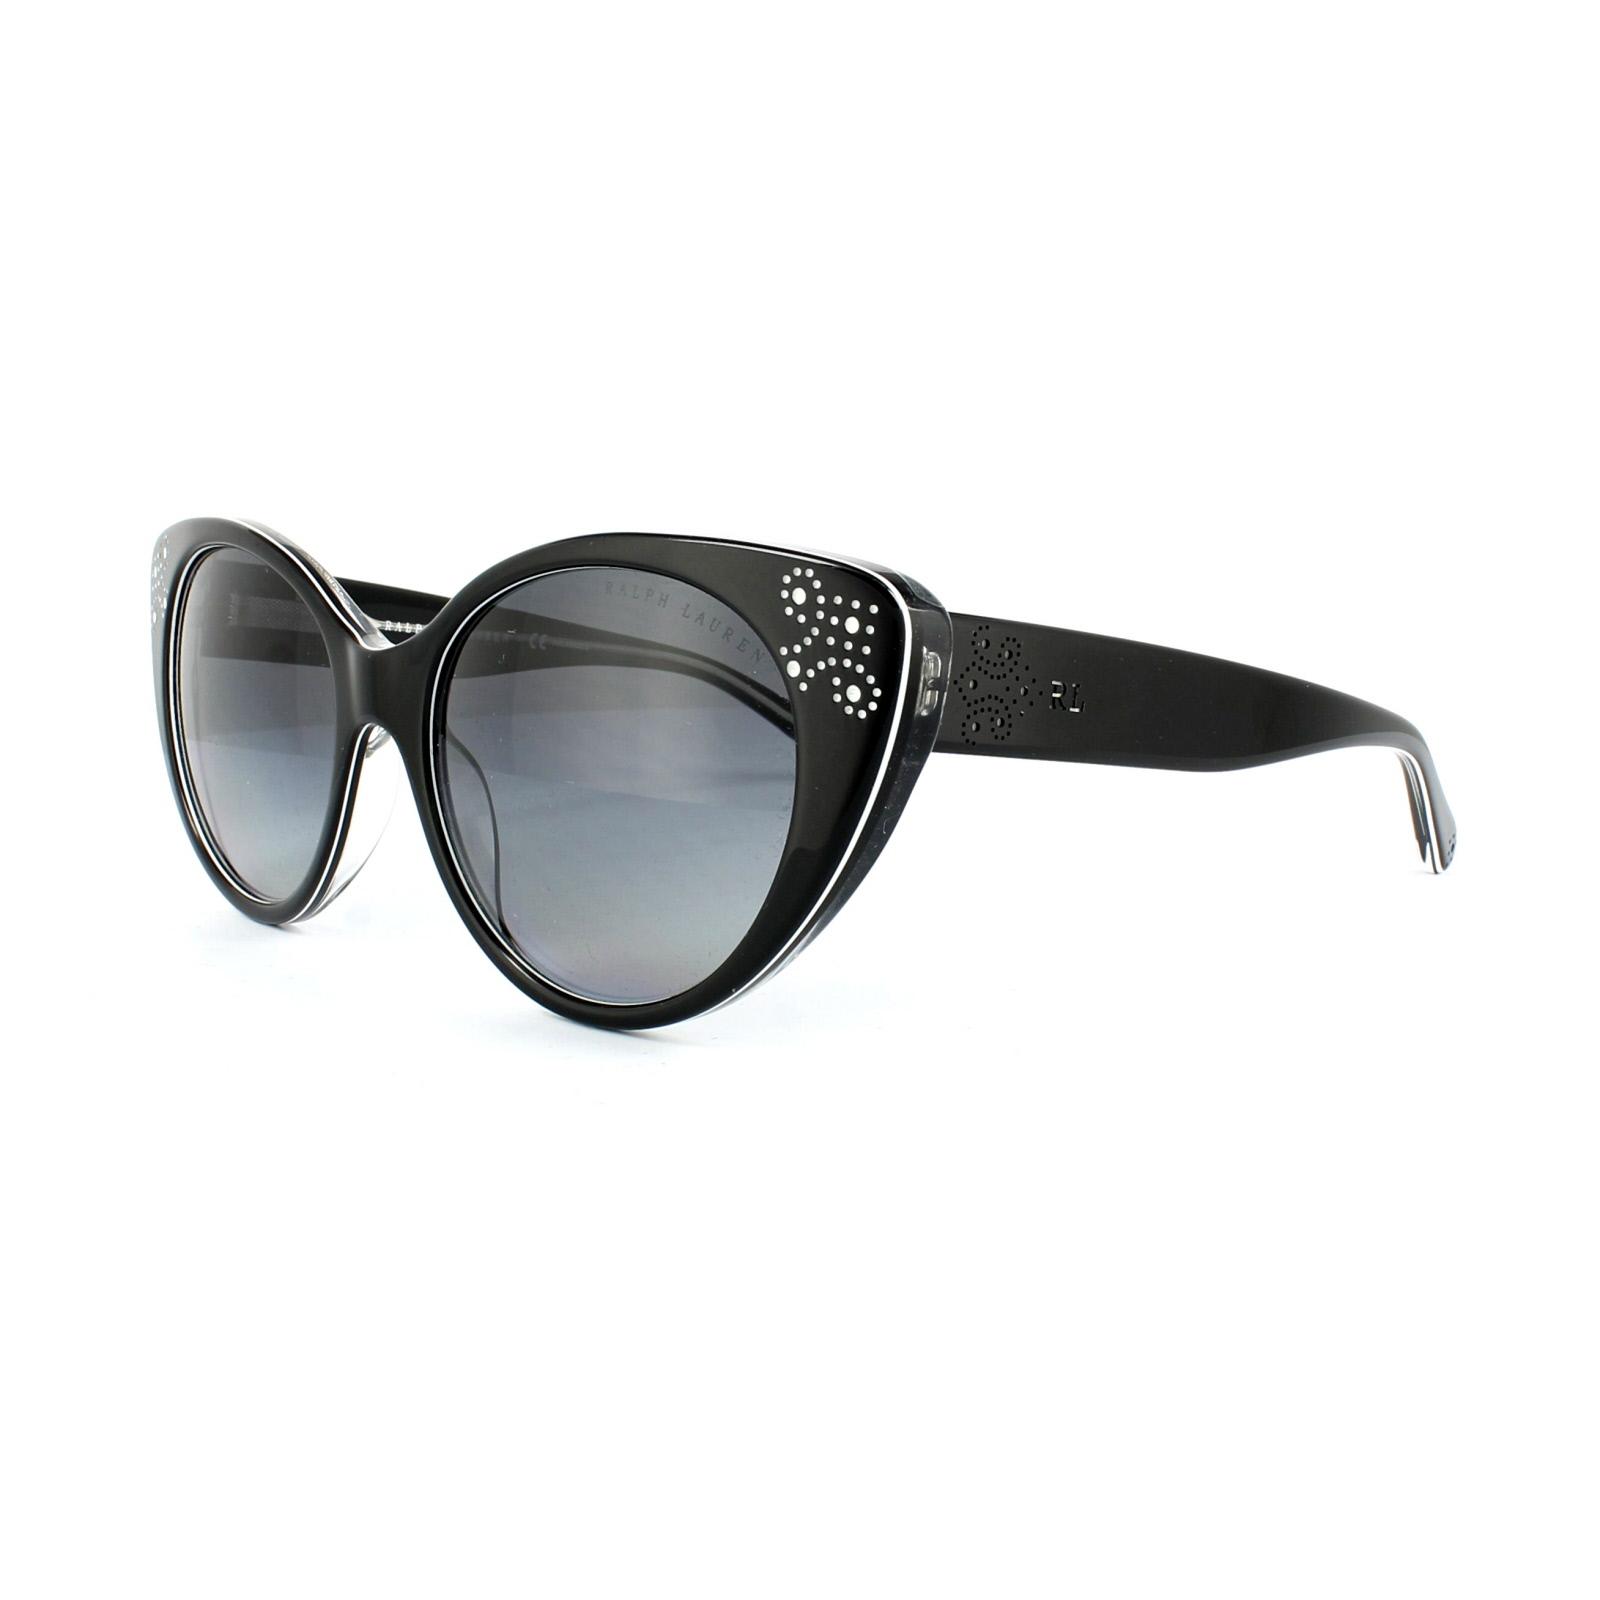 d9a7e4730d1bc Sentinel Ralph Lauren Sunglasses 8110 5448T3 Black White Grey Gradient  Polarized